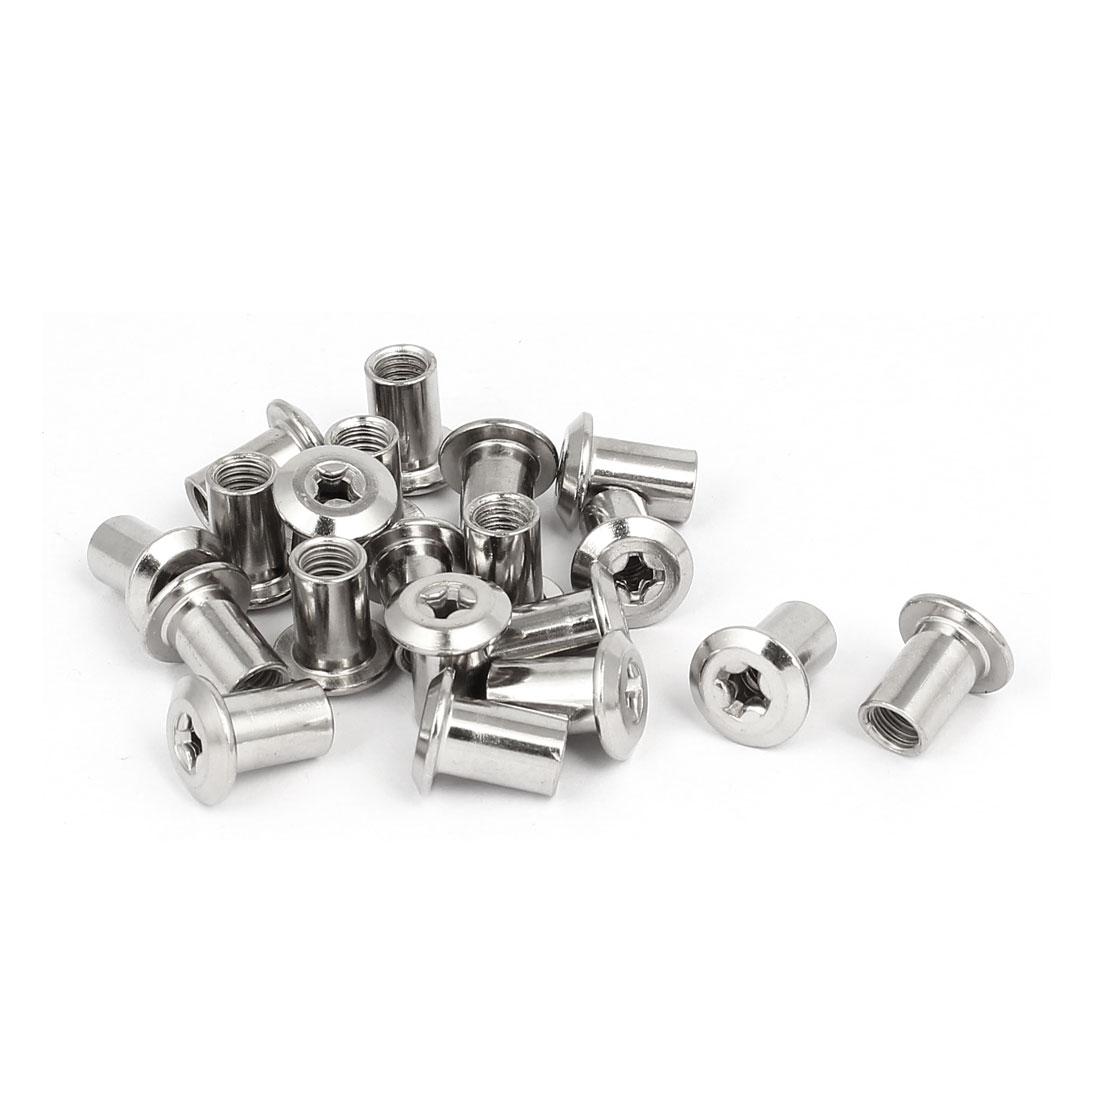 M6x12mm Metal Phillips Head Barrel Nuts Furniture Hardware Fittings 20pcs